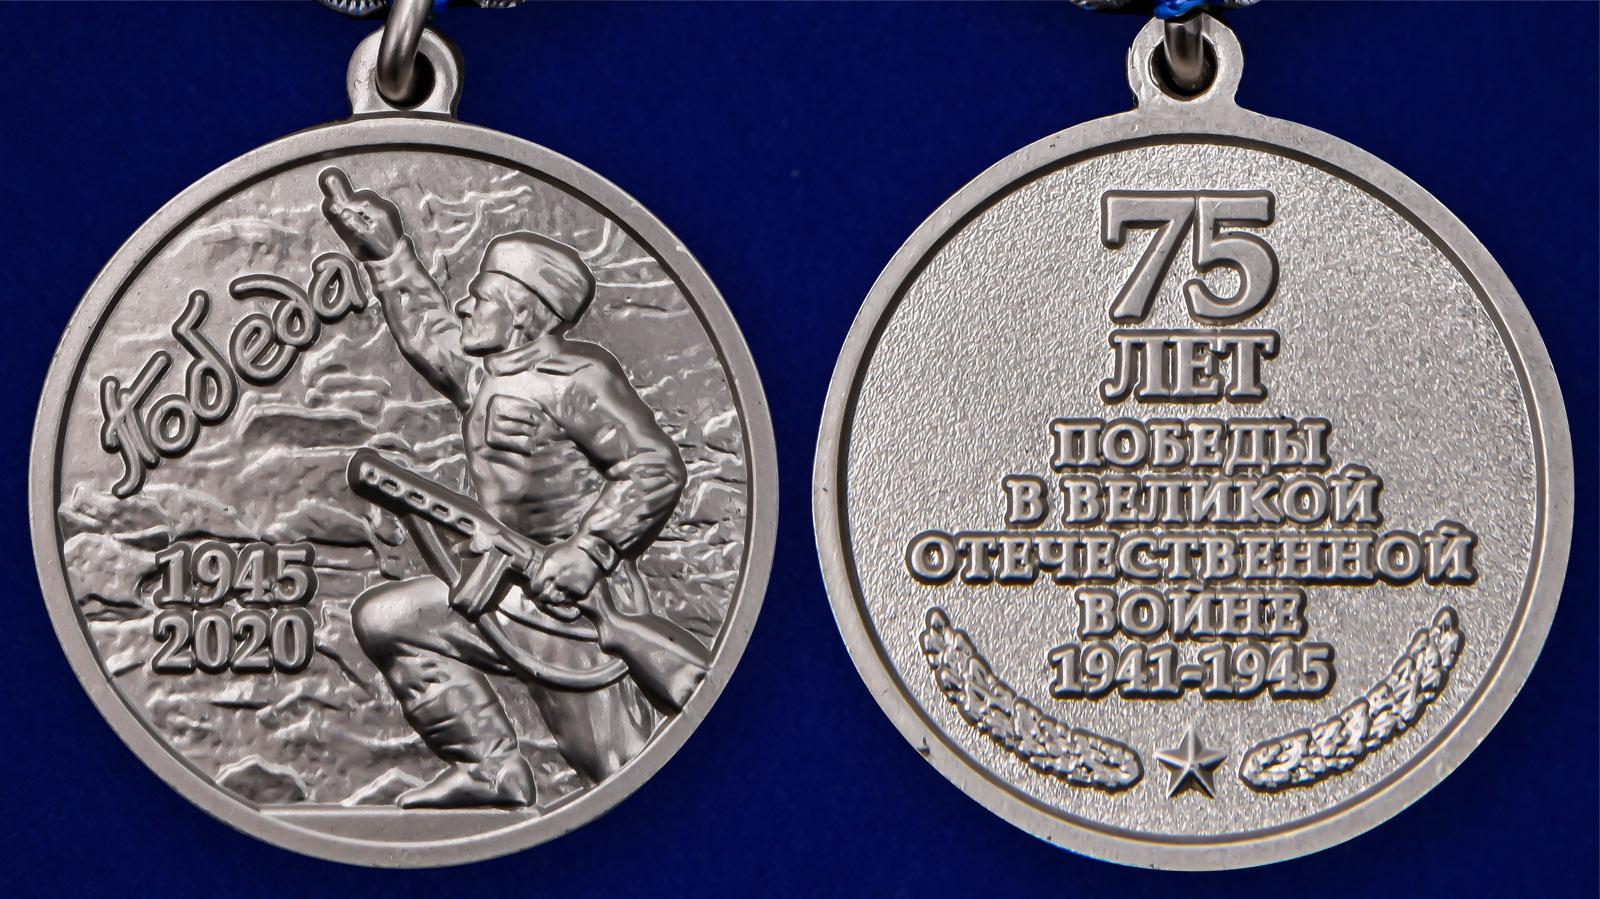 Латунная медаль 75 лет Победы в ВОВ 1941-1945 гг. - аверс и реверс